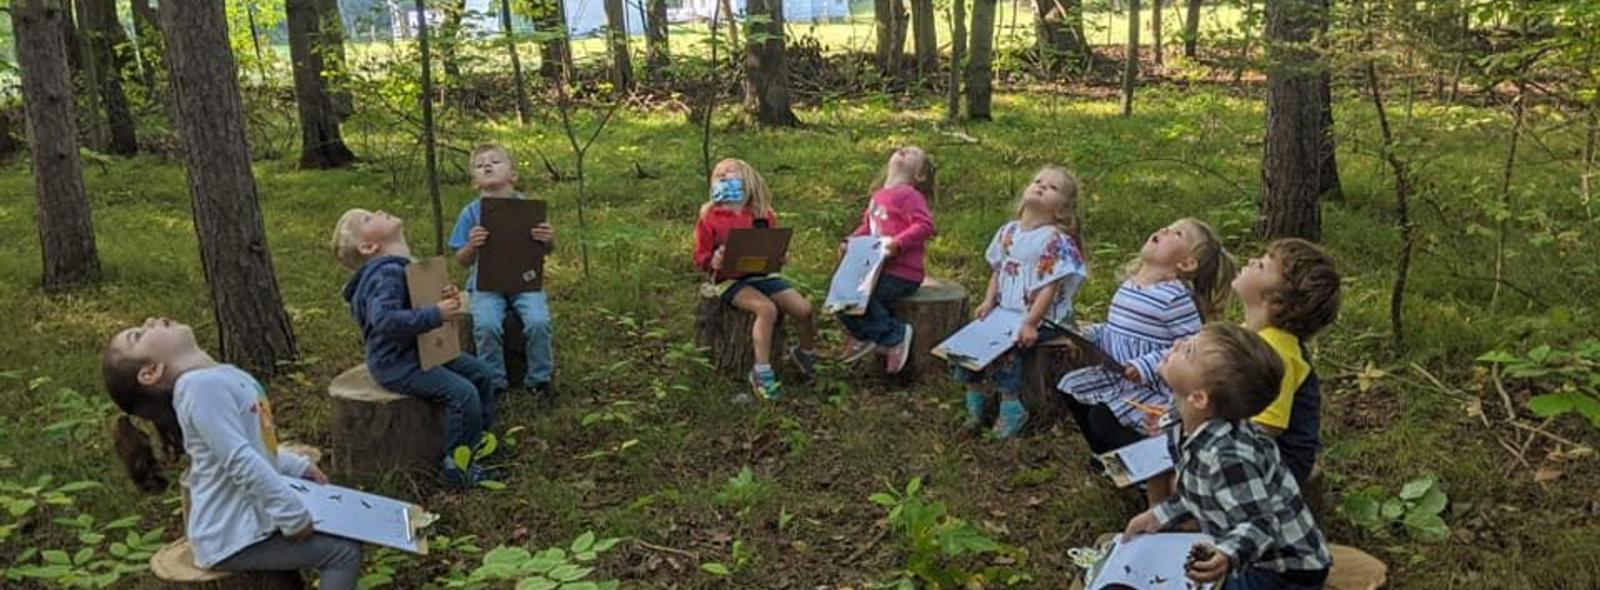 outdoor preschool classroom. kids looking at sky